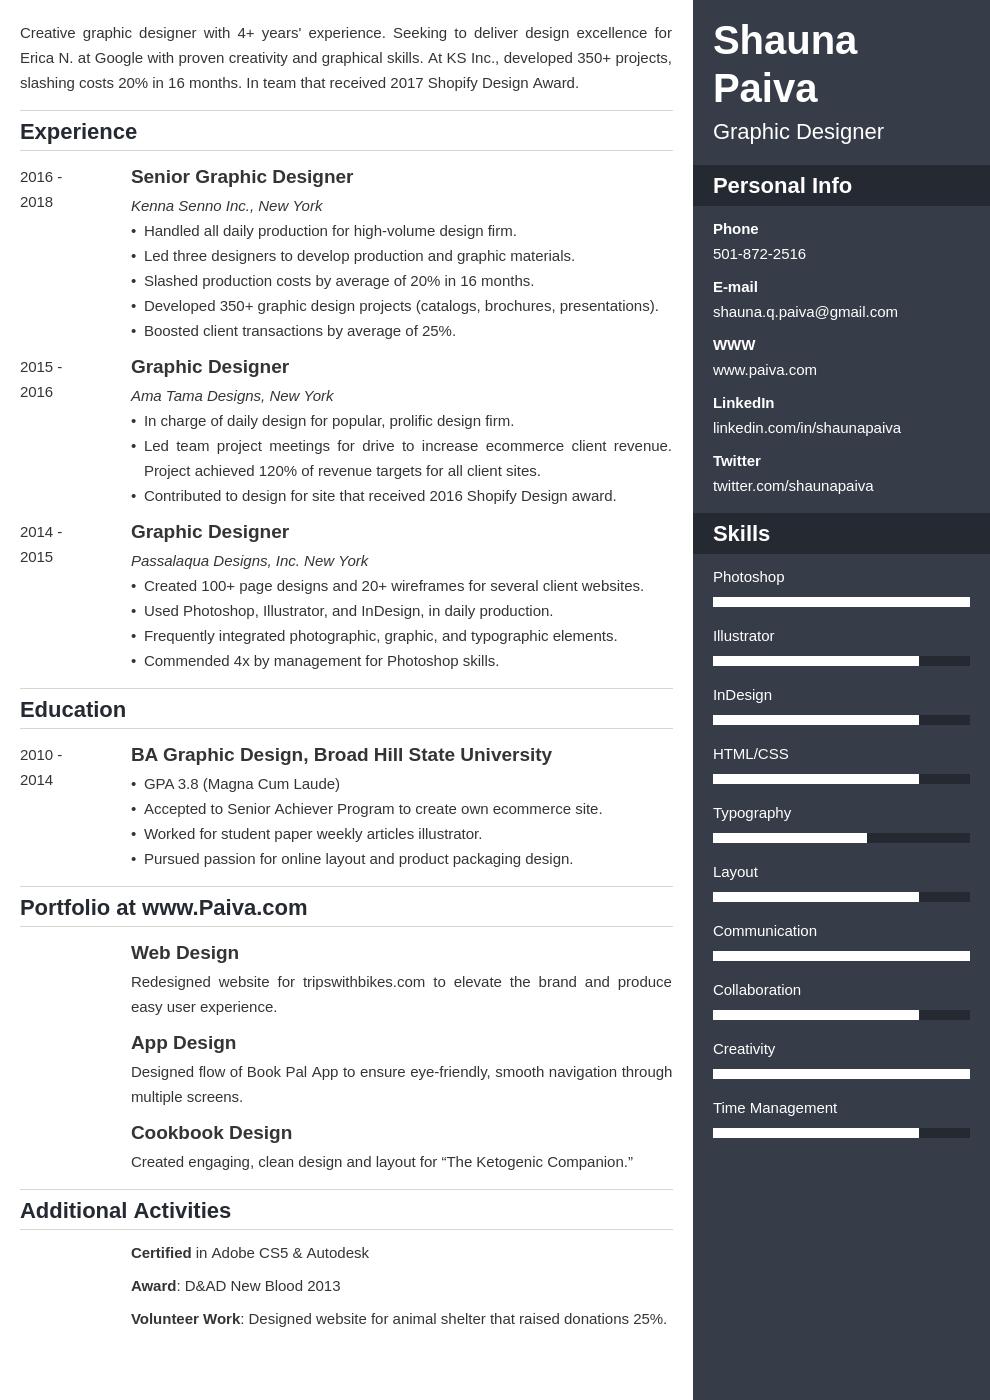 resume look template enfold uk